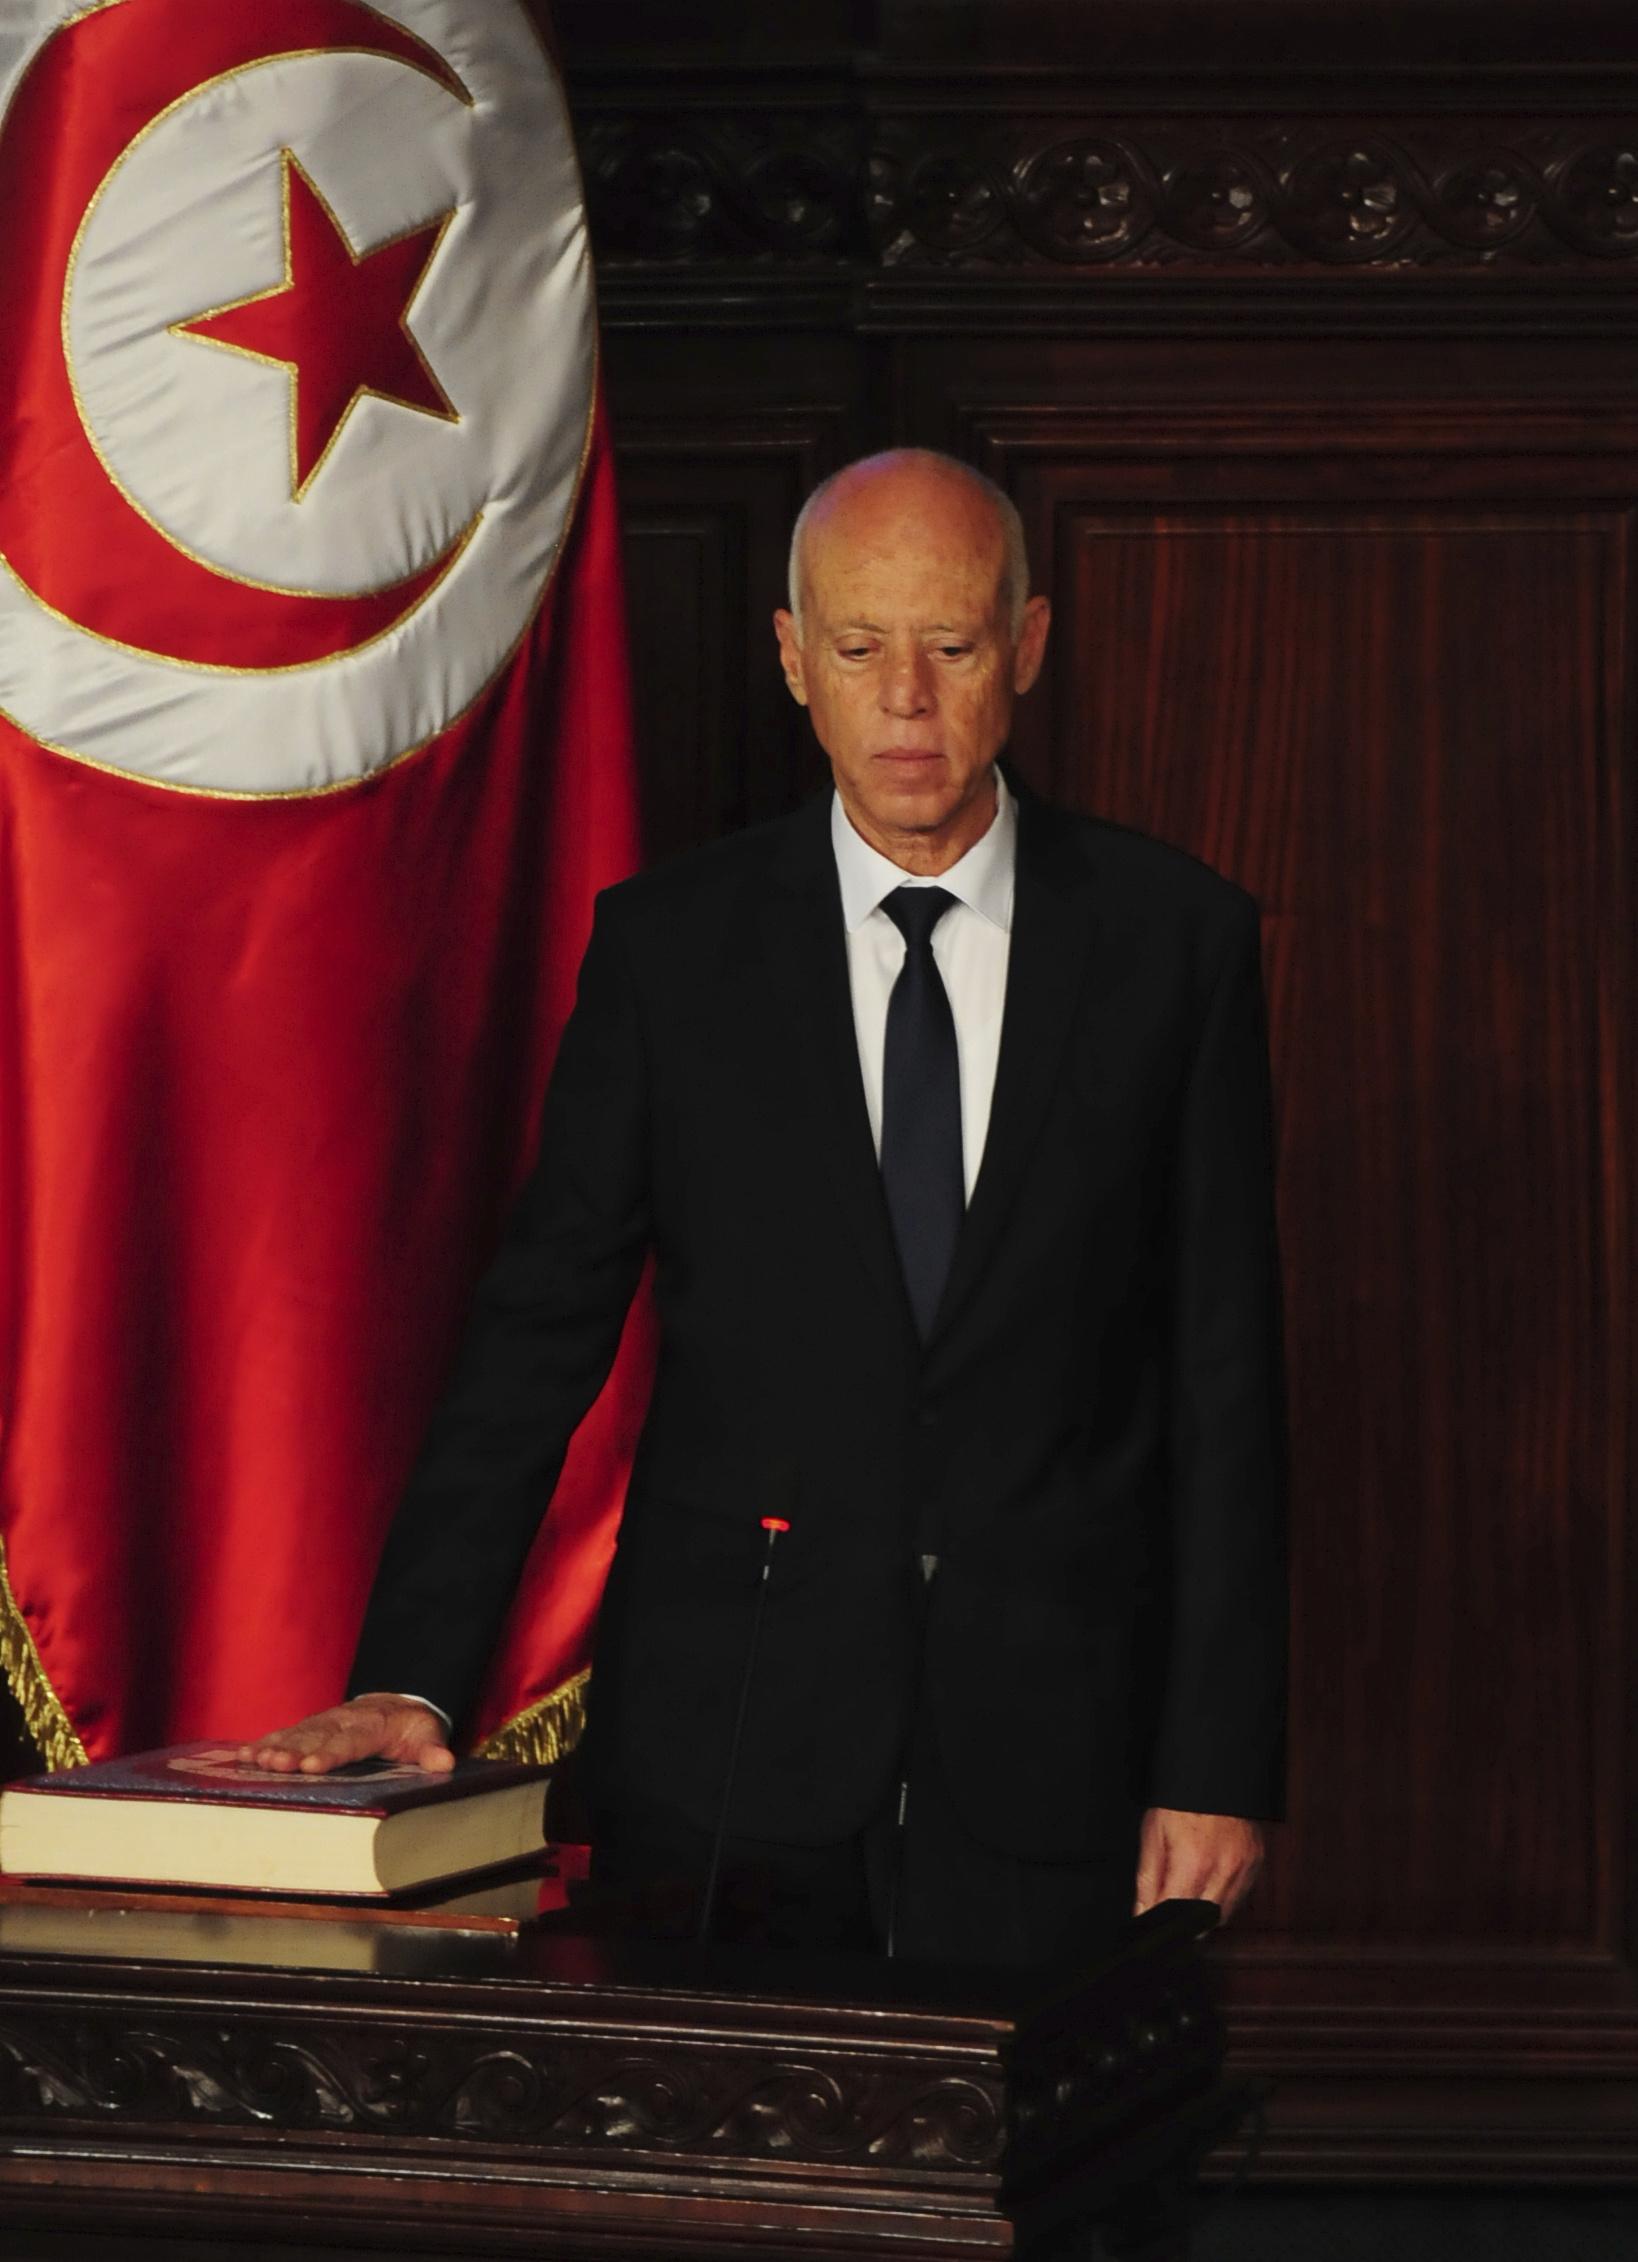 Le nouveau président tunisien Kaïs Saïed prêtant serment sur le Coran, mercredi 23 octobre 2019 à Tunis (image d'illustration).